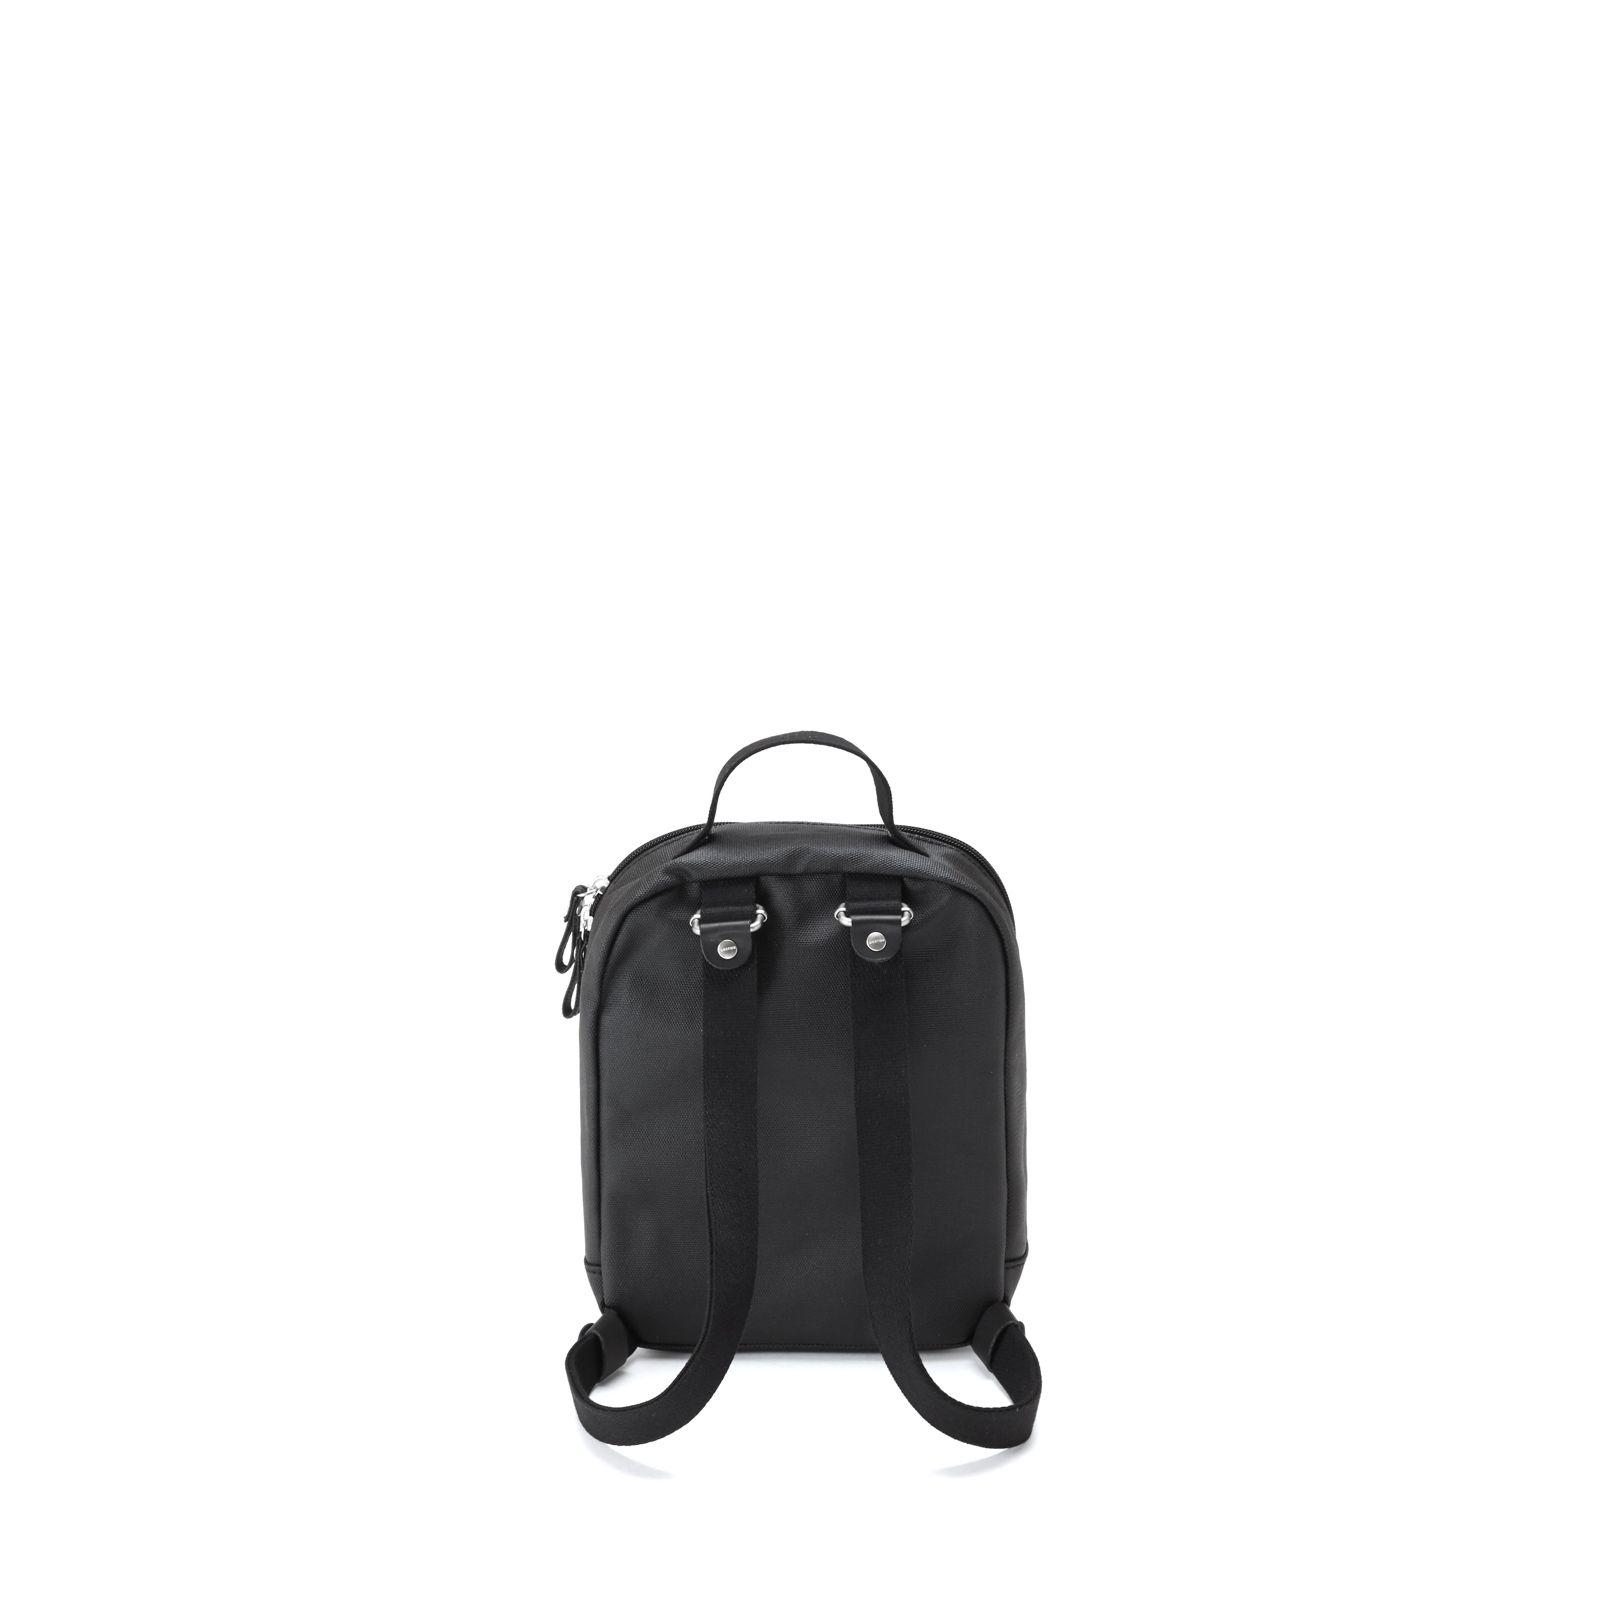 Mini Pack - Organic Jet Black